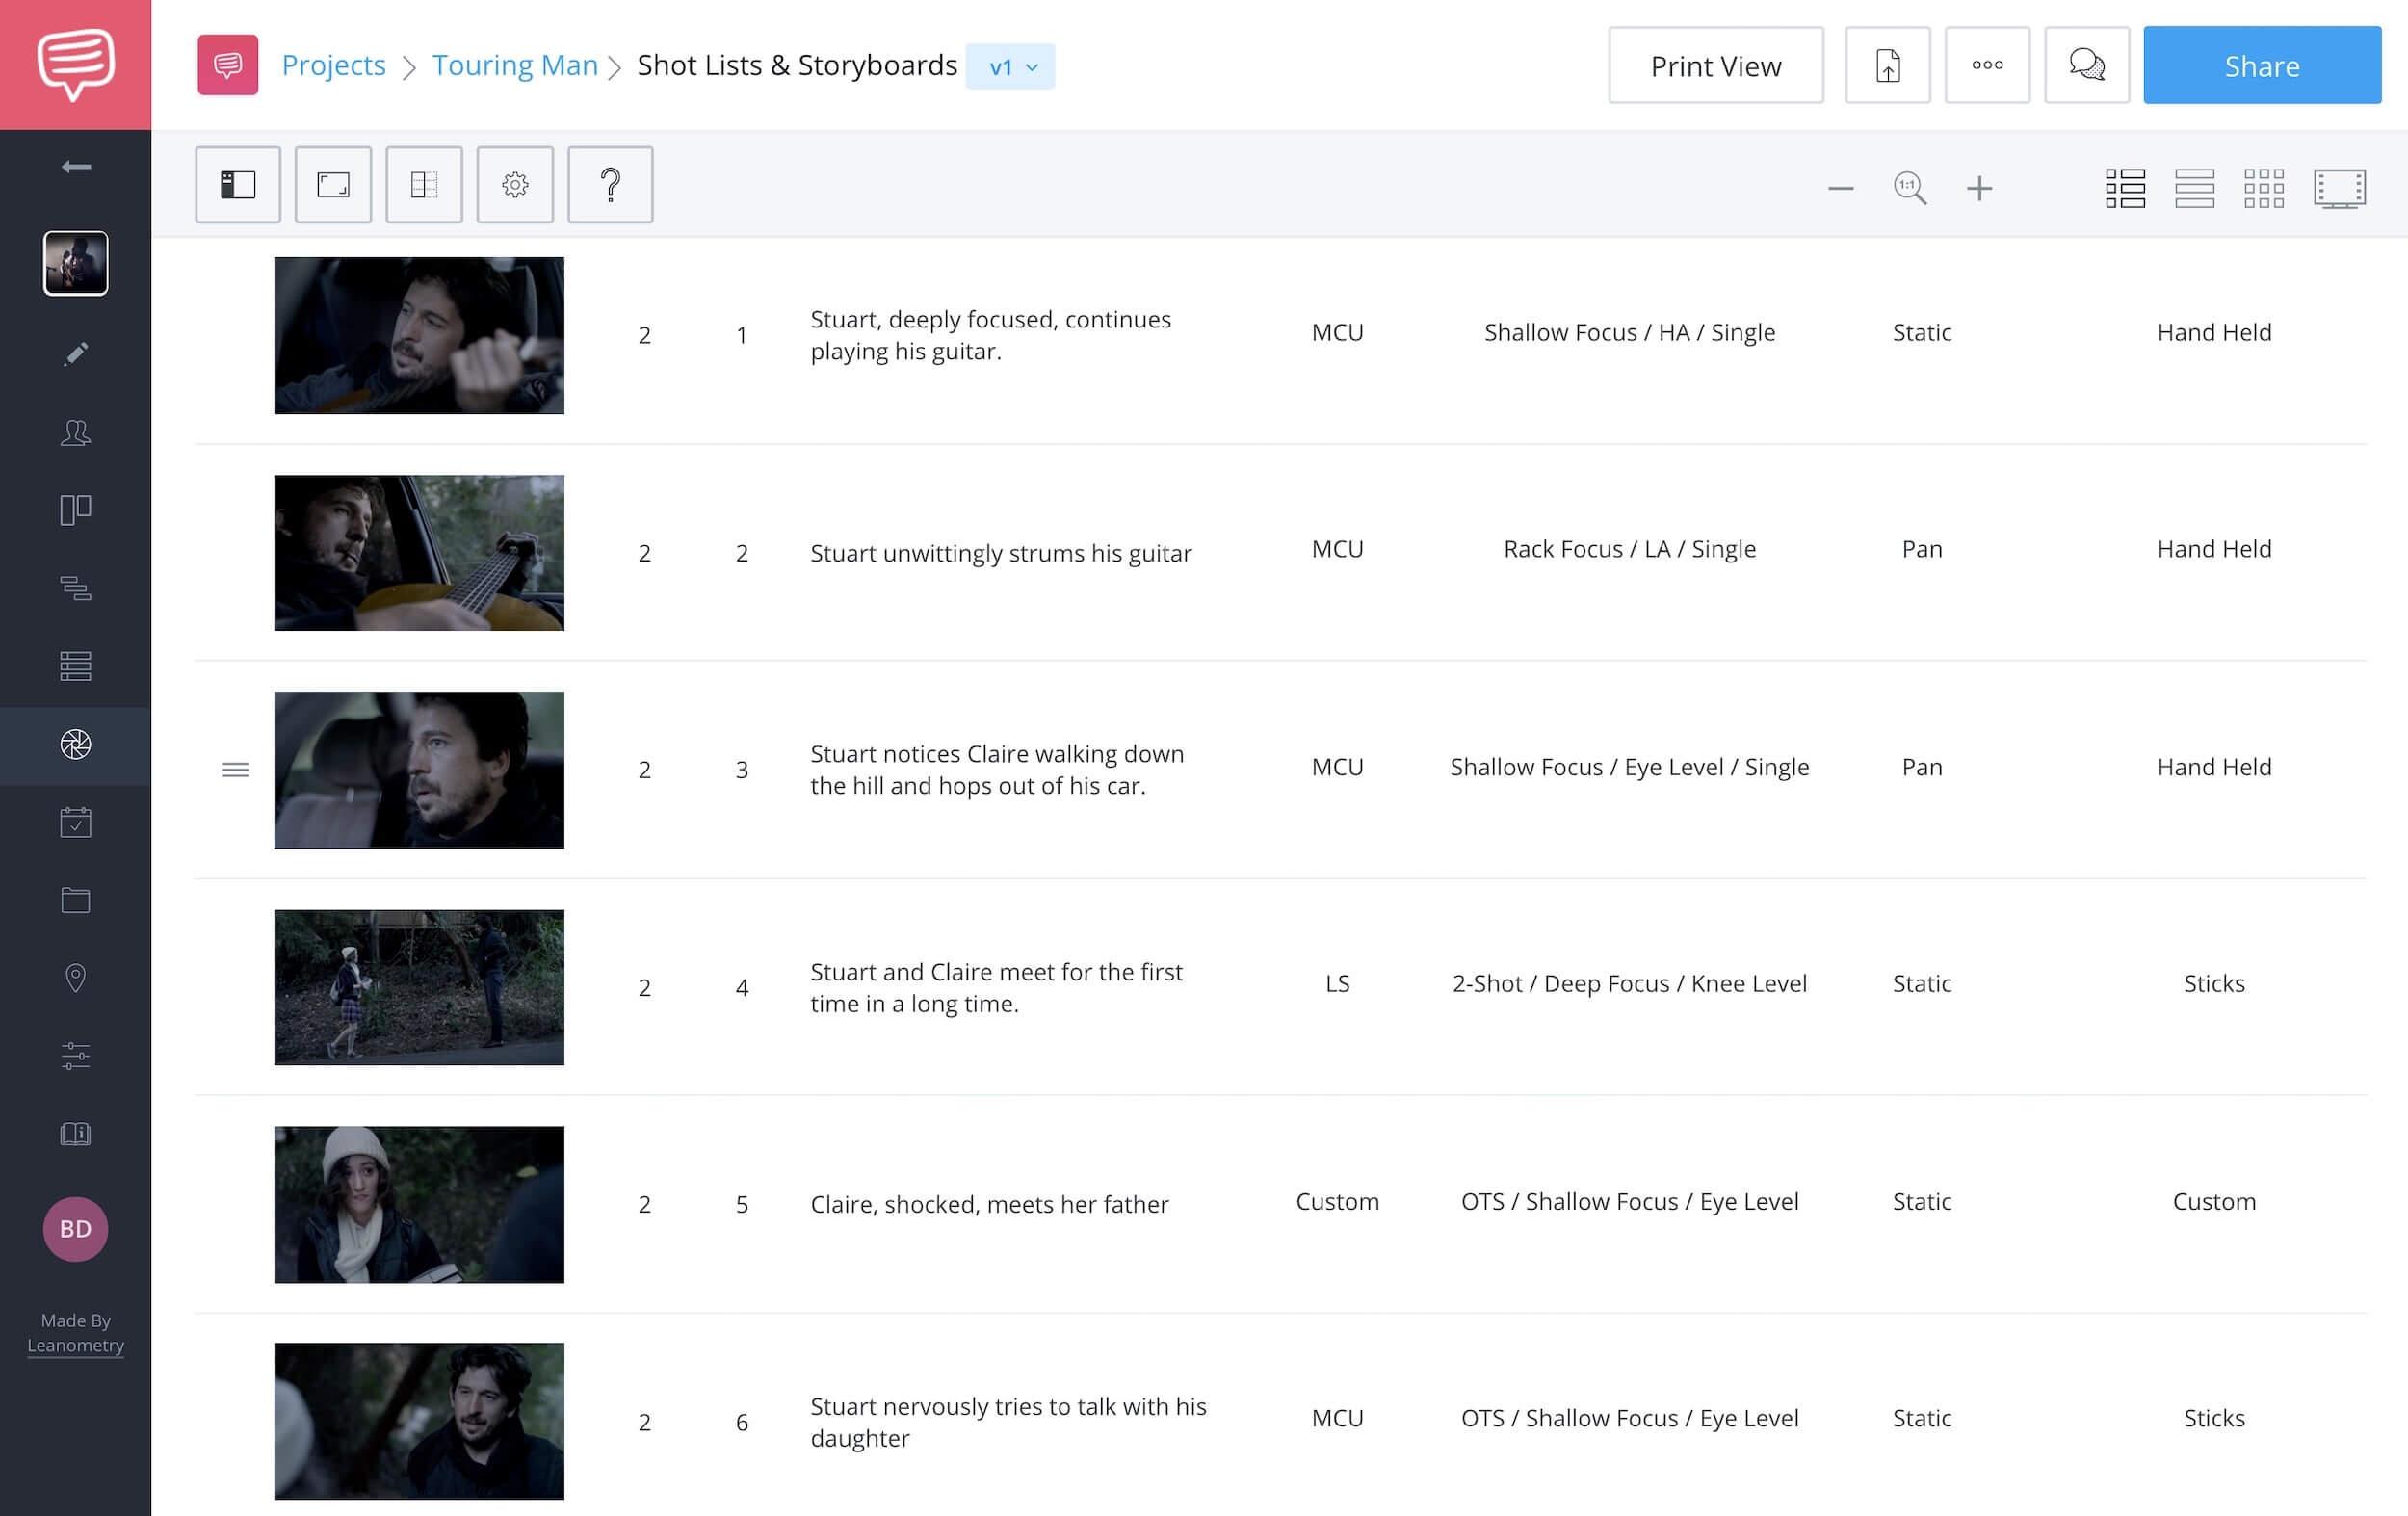 How to Renumber Scenes in StudioBinder - StudioBinder Online Shot List Software